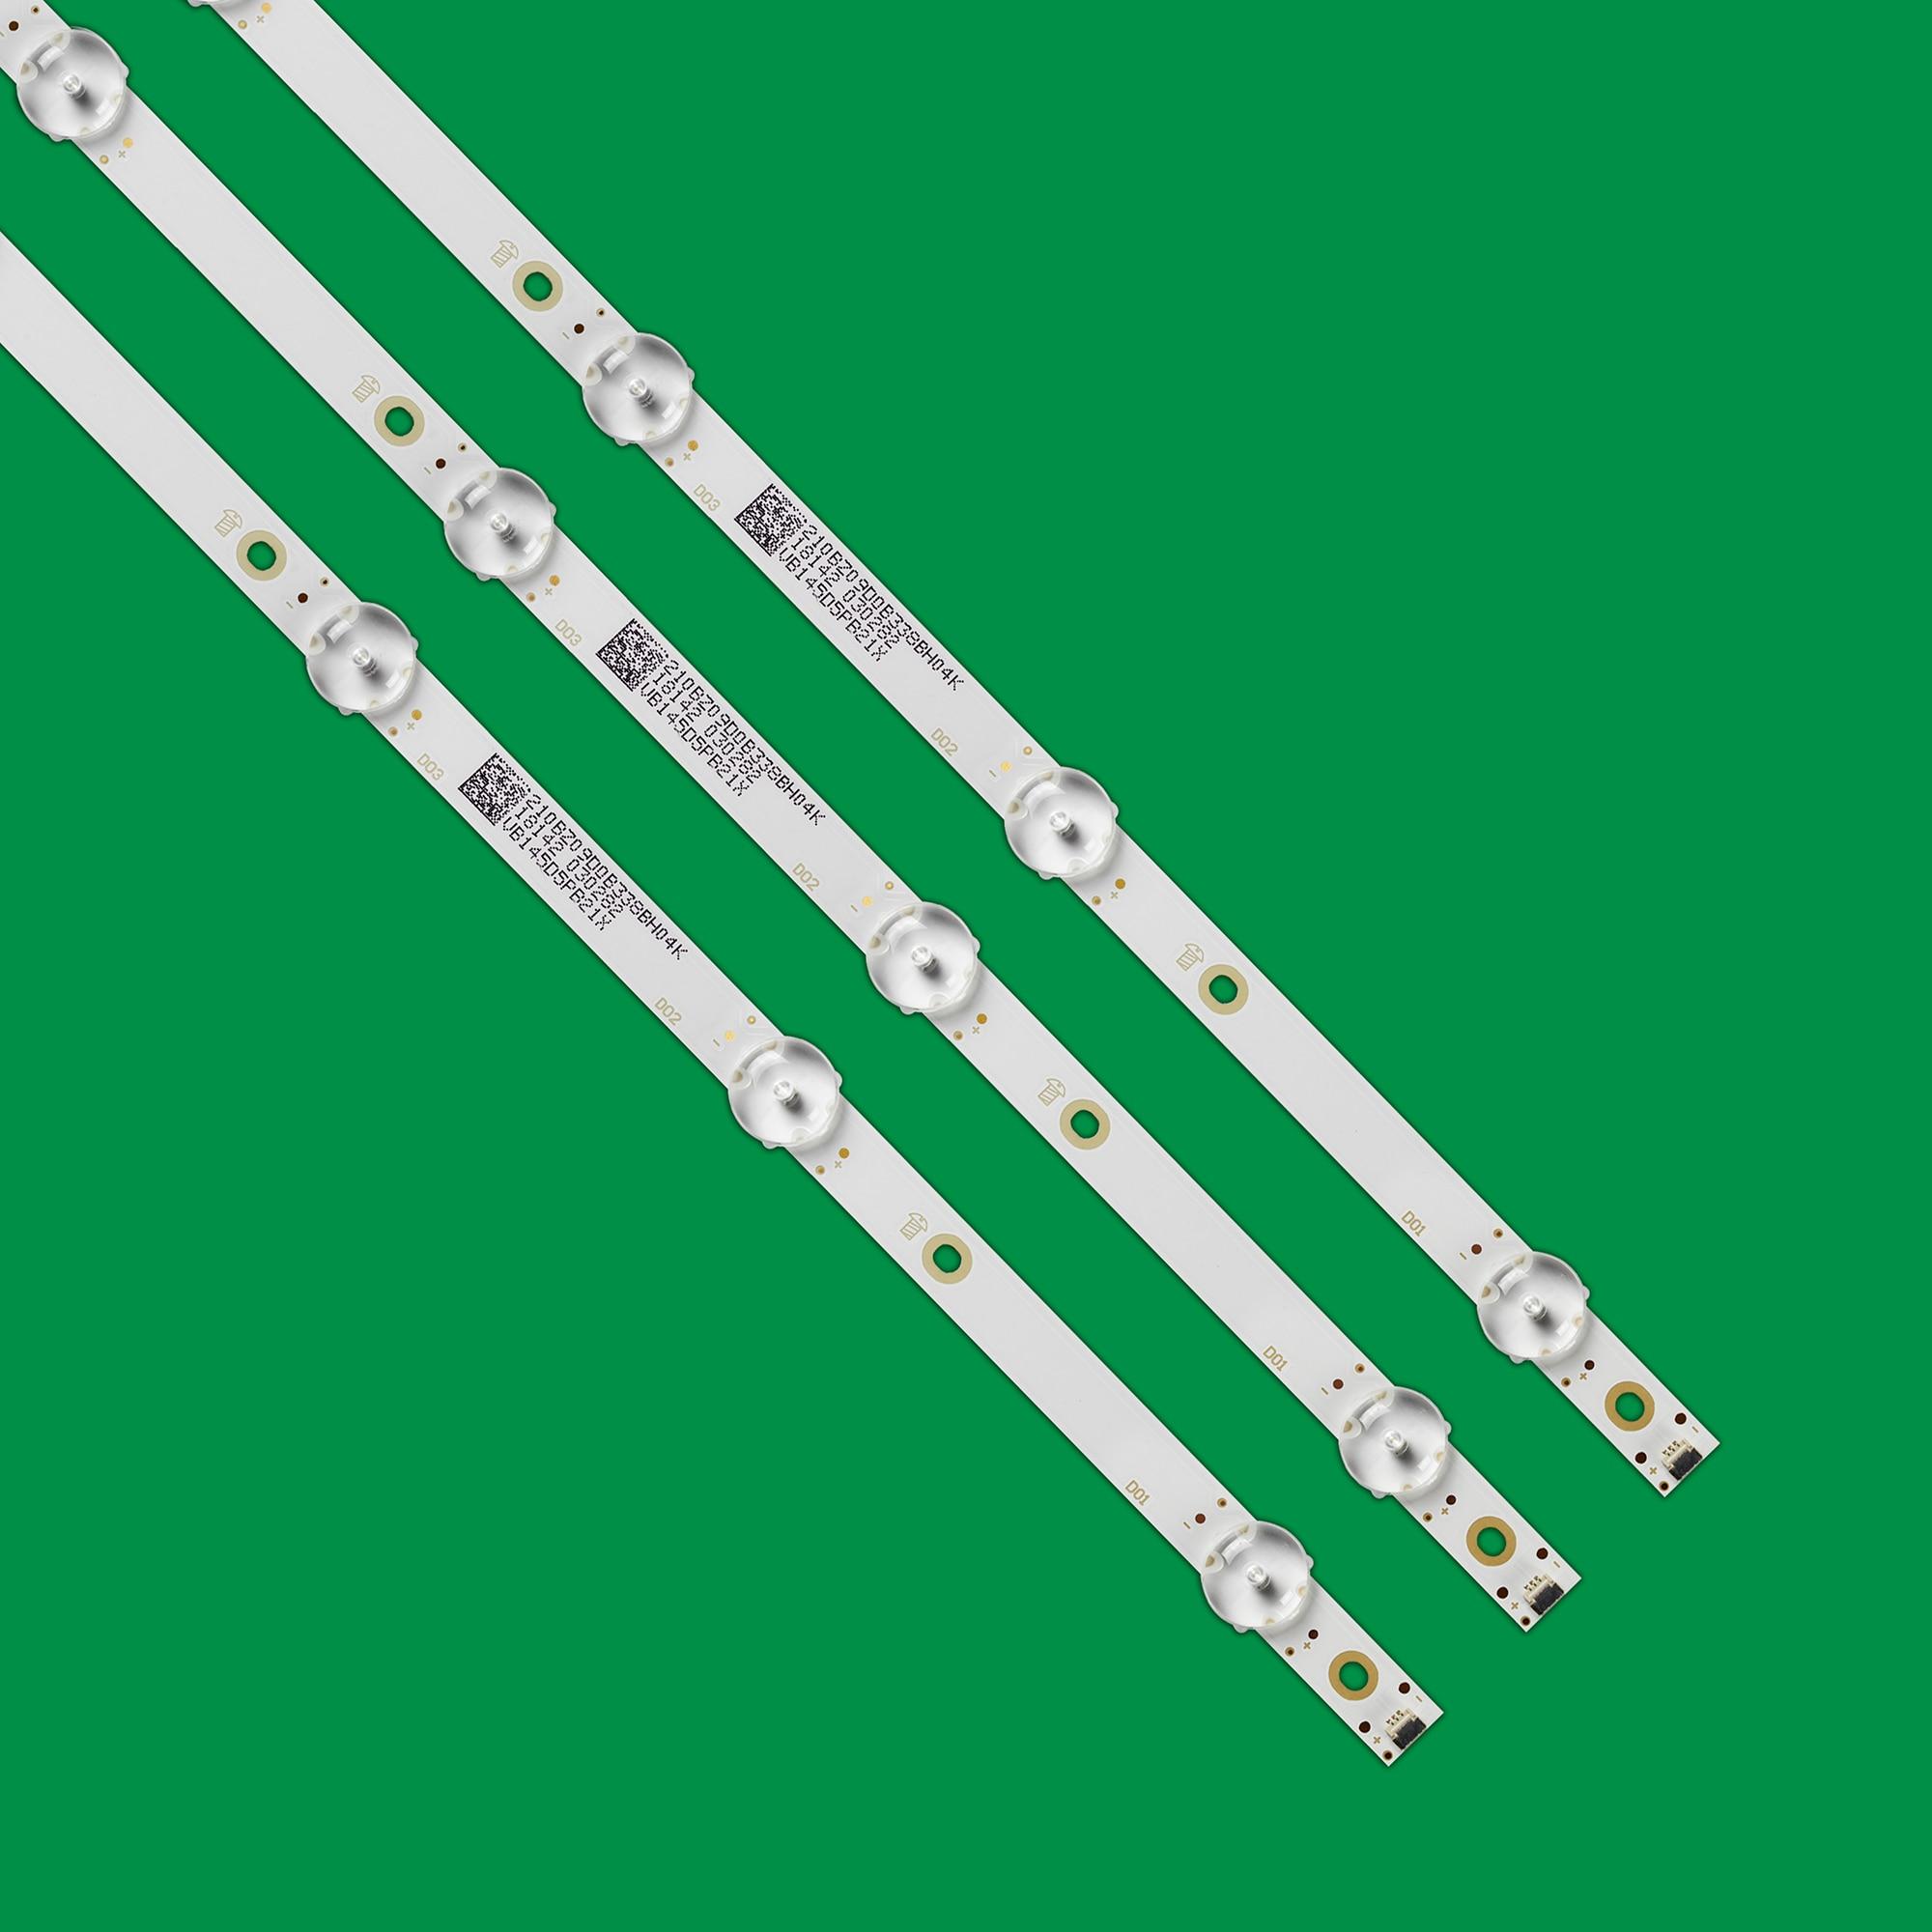 15pcs/lot 9LED(3V) 840mm LED Backlight strip for Aoc 43s5295 43PFG5813 43PFG5813/78 43PFF5292 CEJJ-LB430Z-9S1P-M3030-D-1 enlarge